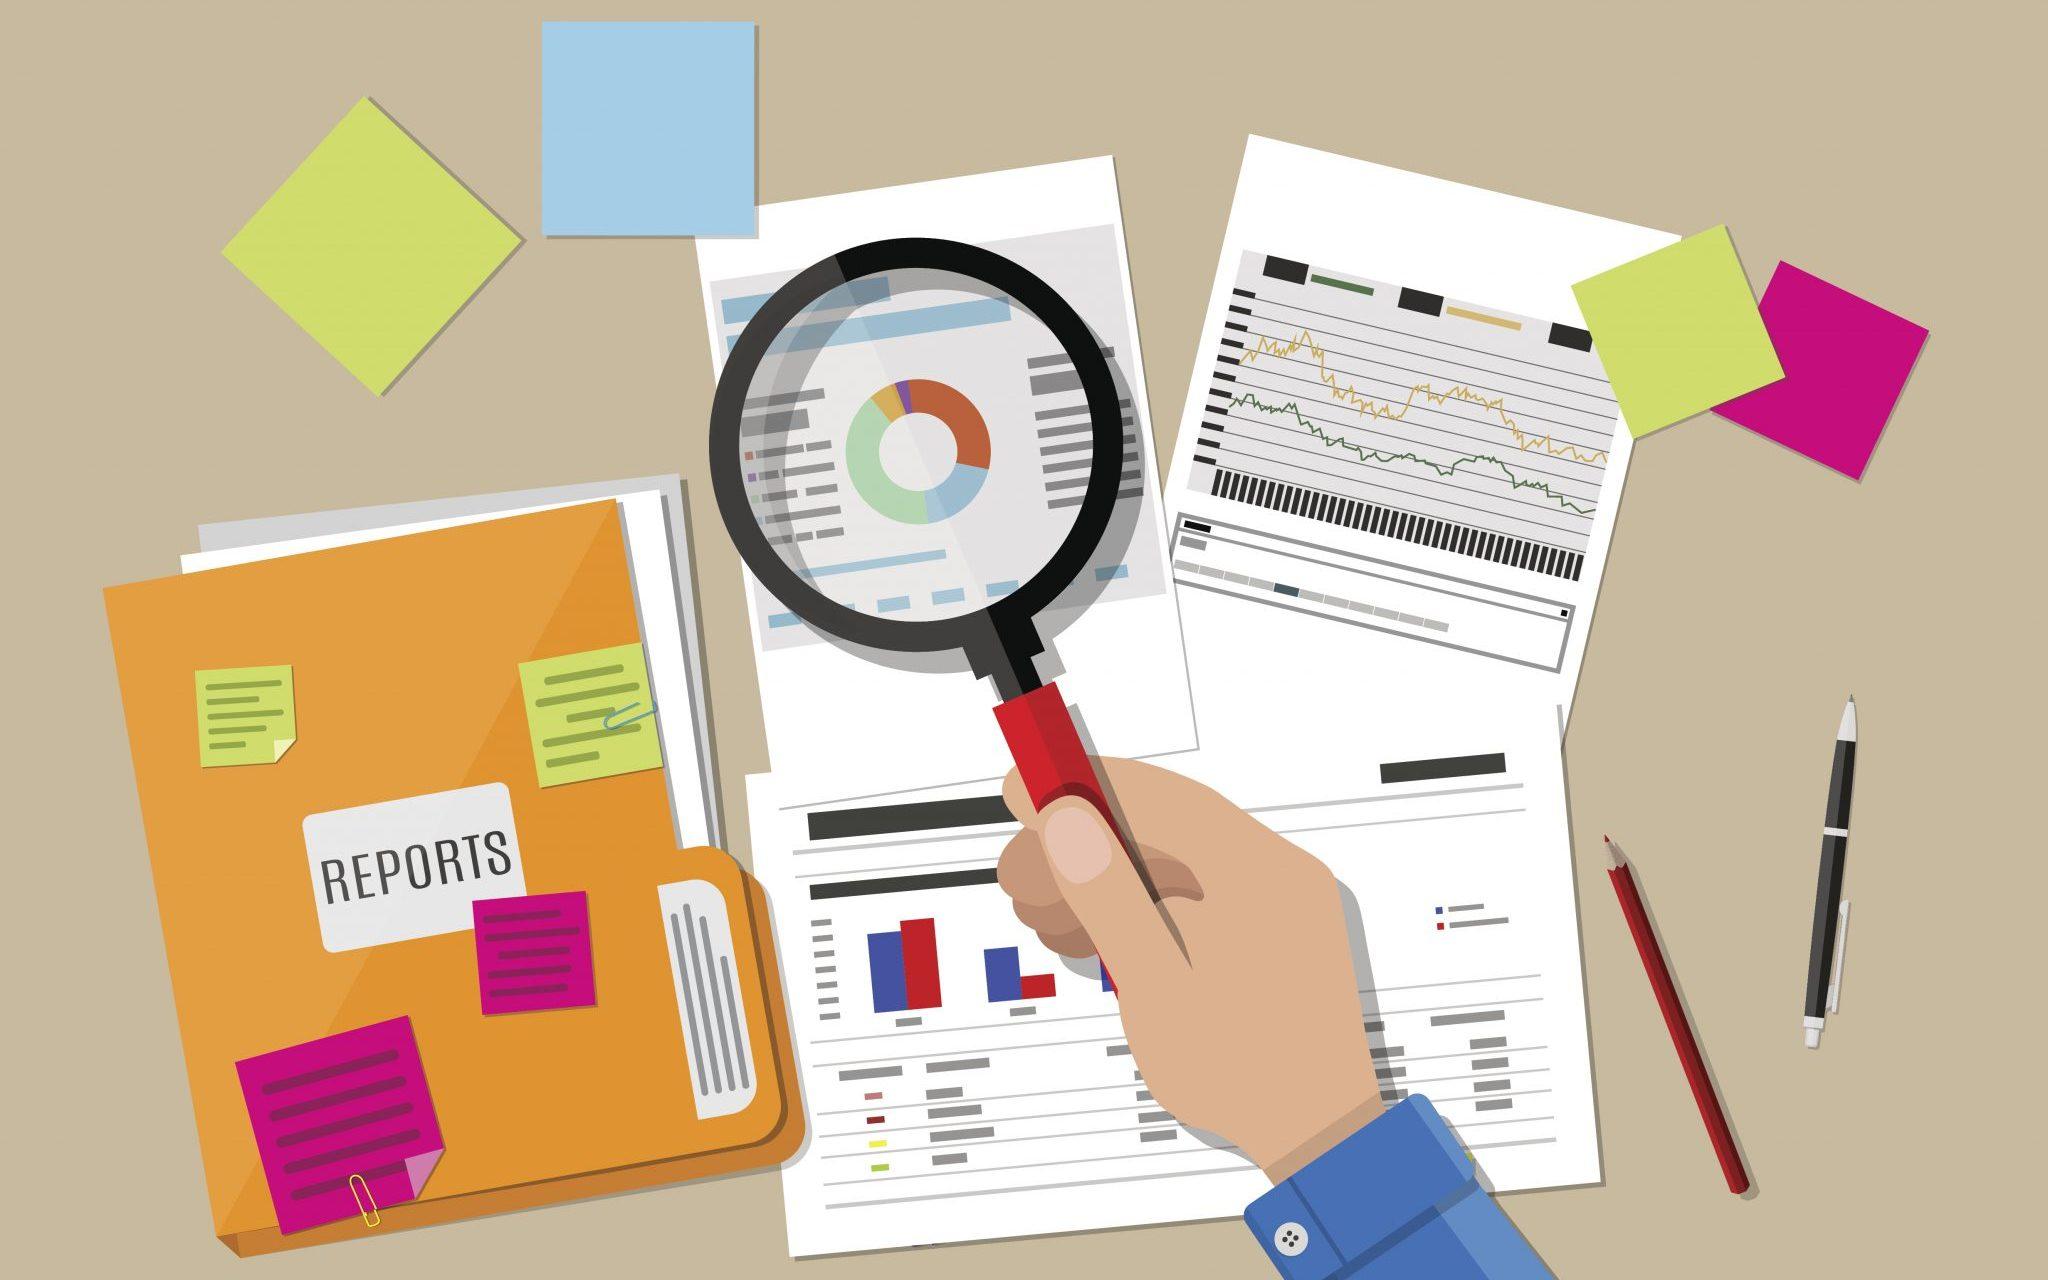 Analisi di Bilancio: Come Usarla Correttamente per Valutare la Tua Azienda